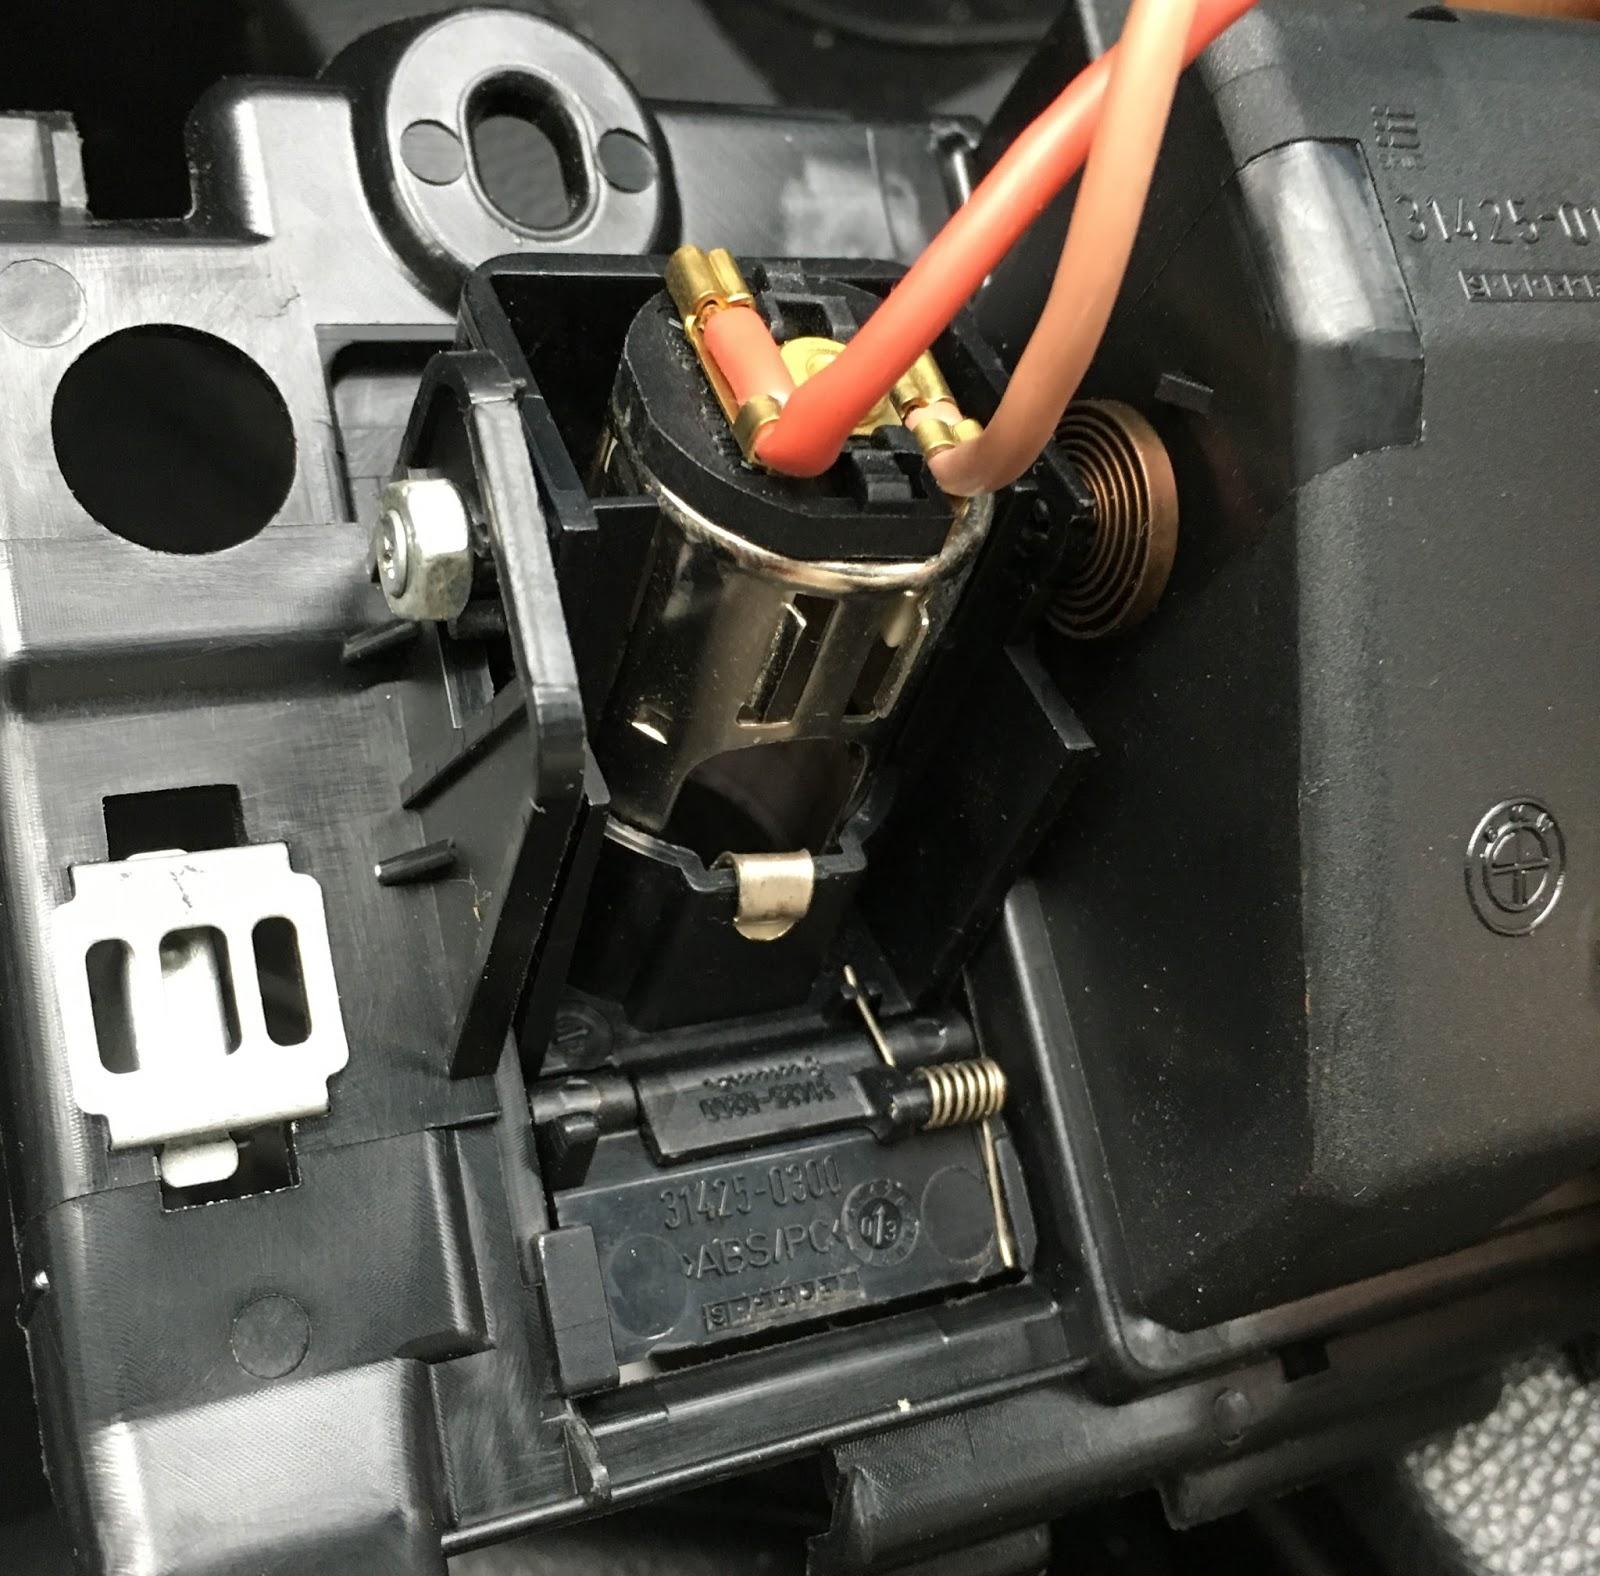 beemer lab e60 front 12v socket spring mechanism assembly e60 fuse box layout e60 fuse box layout e60 fuse box layout e60 fuse box layout